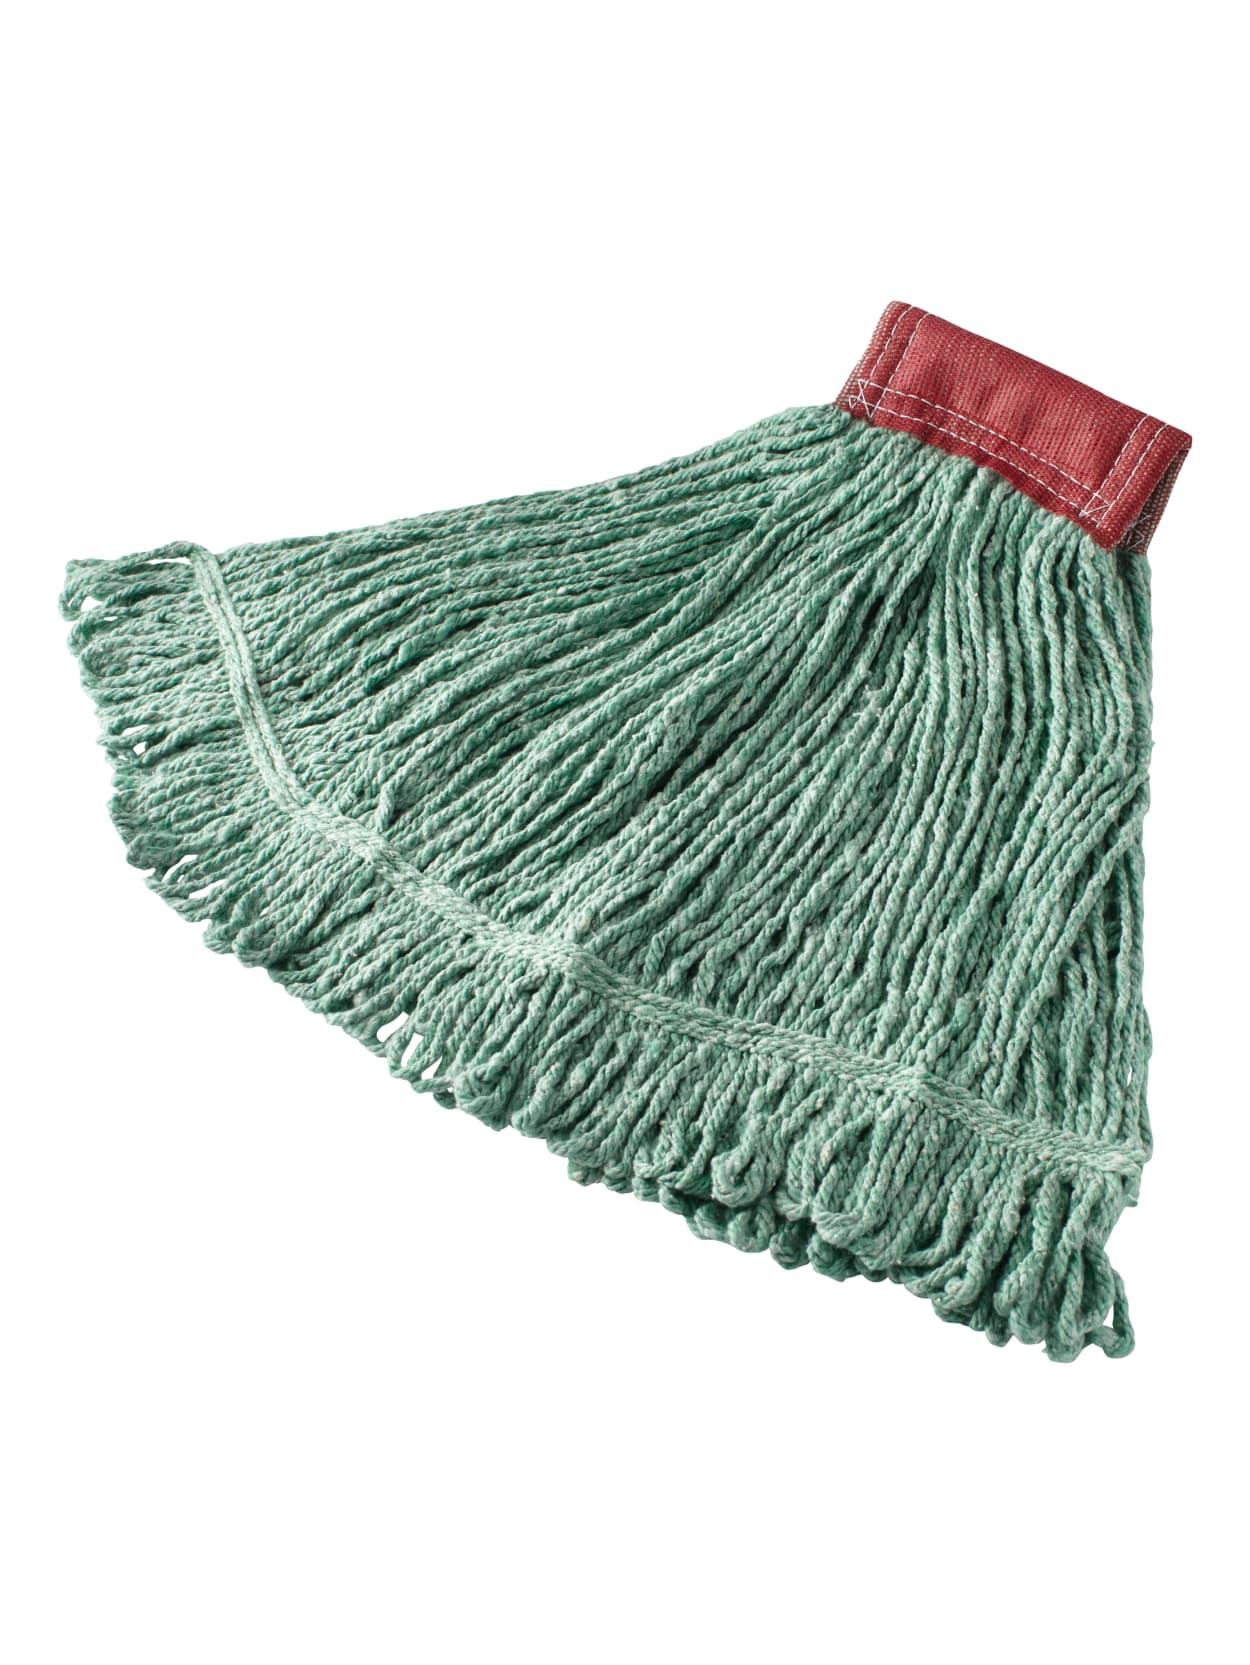 Rubbermaid Wet Mop Head Super Stitch Cotton Blend Green Case Of 6 Office Depot